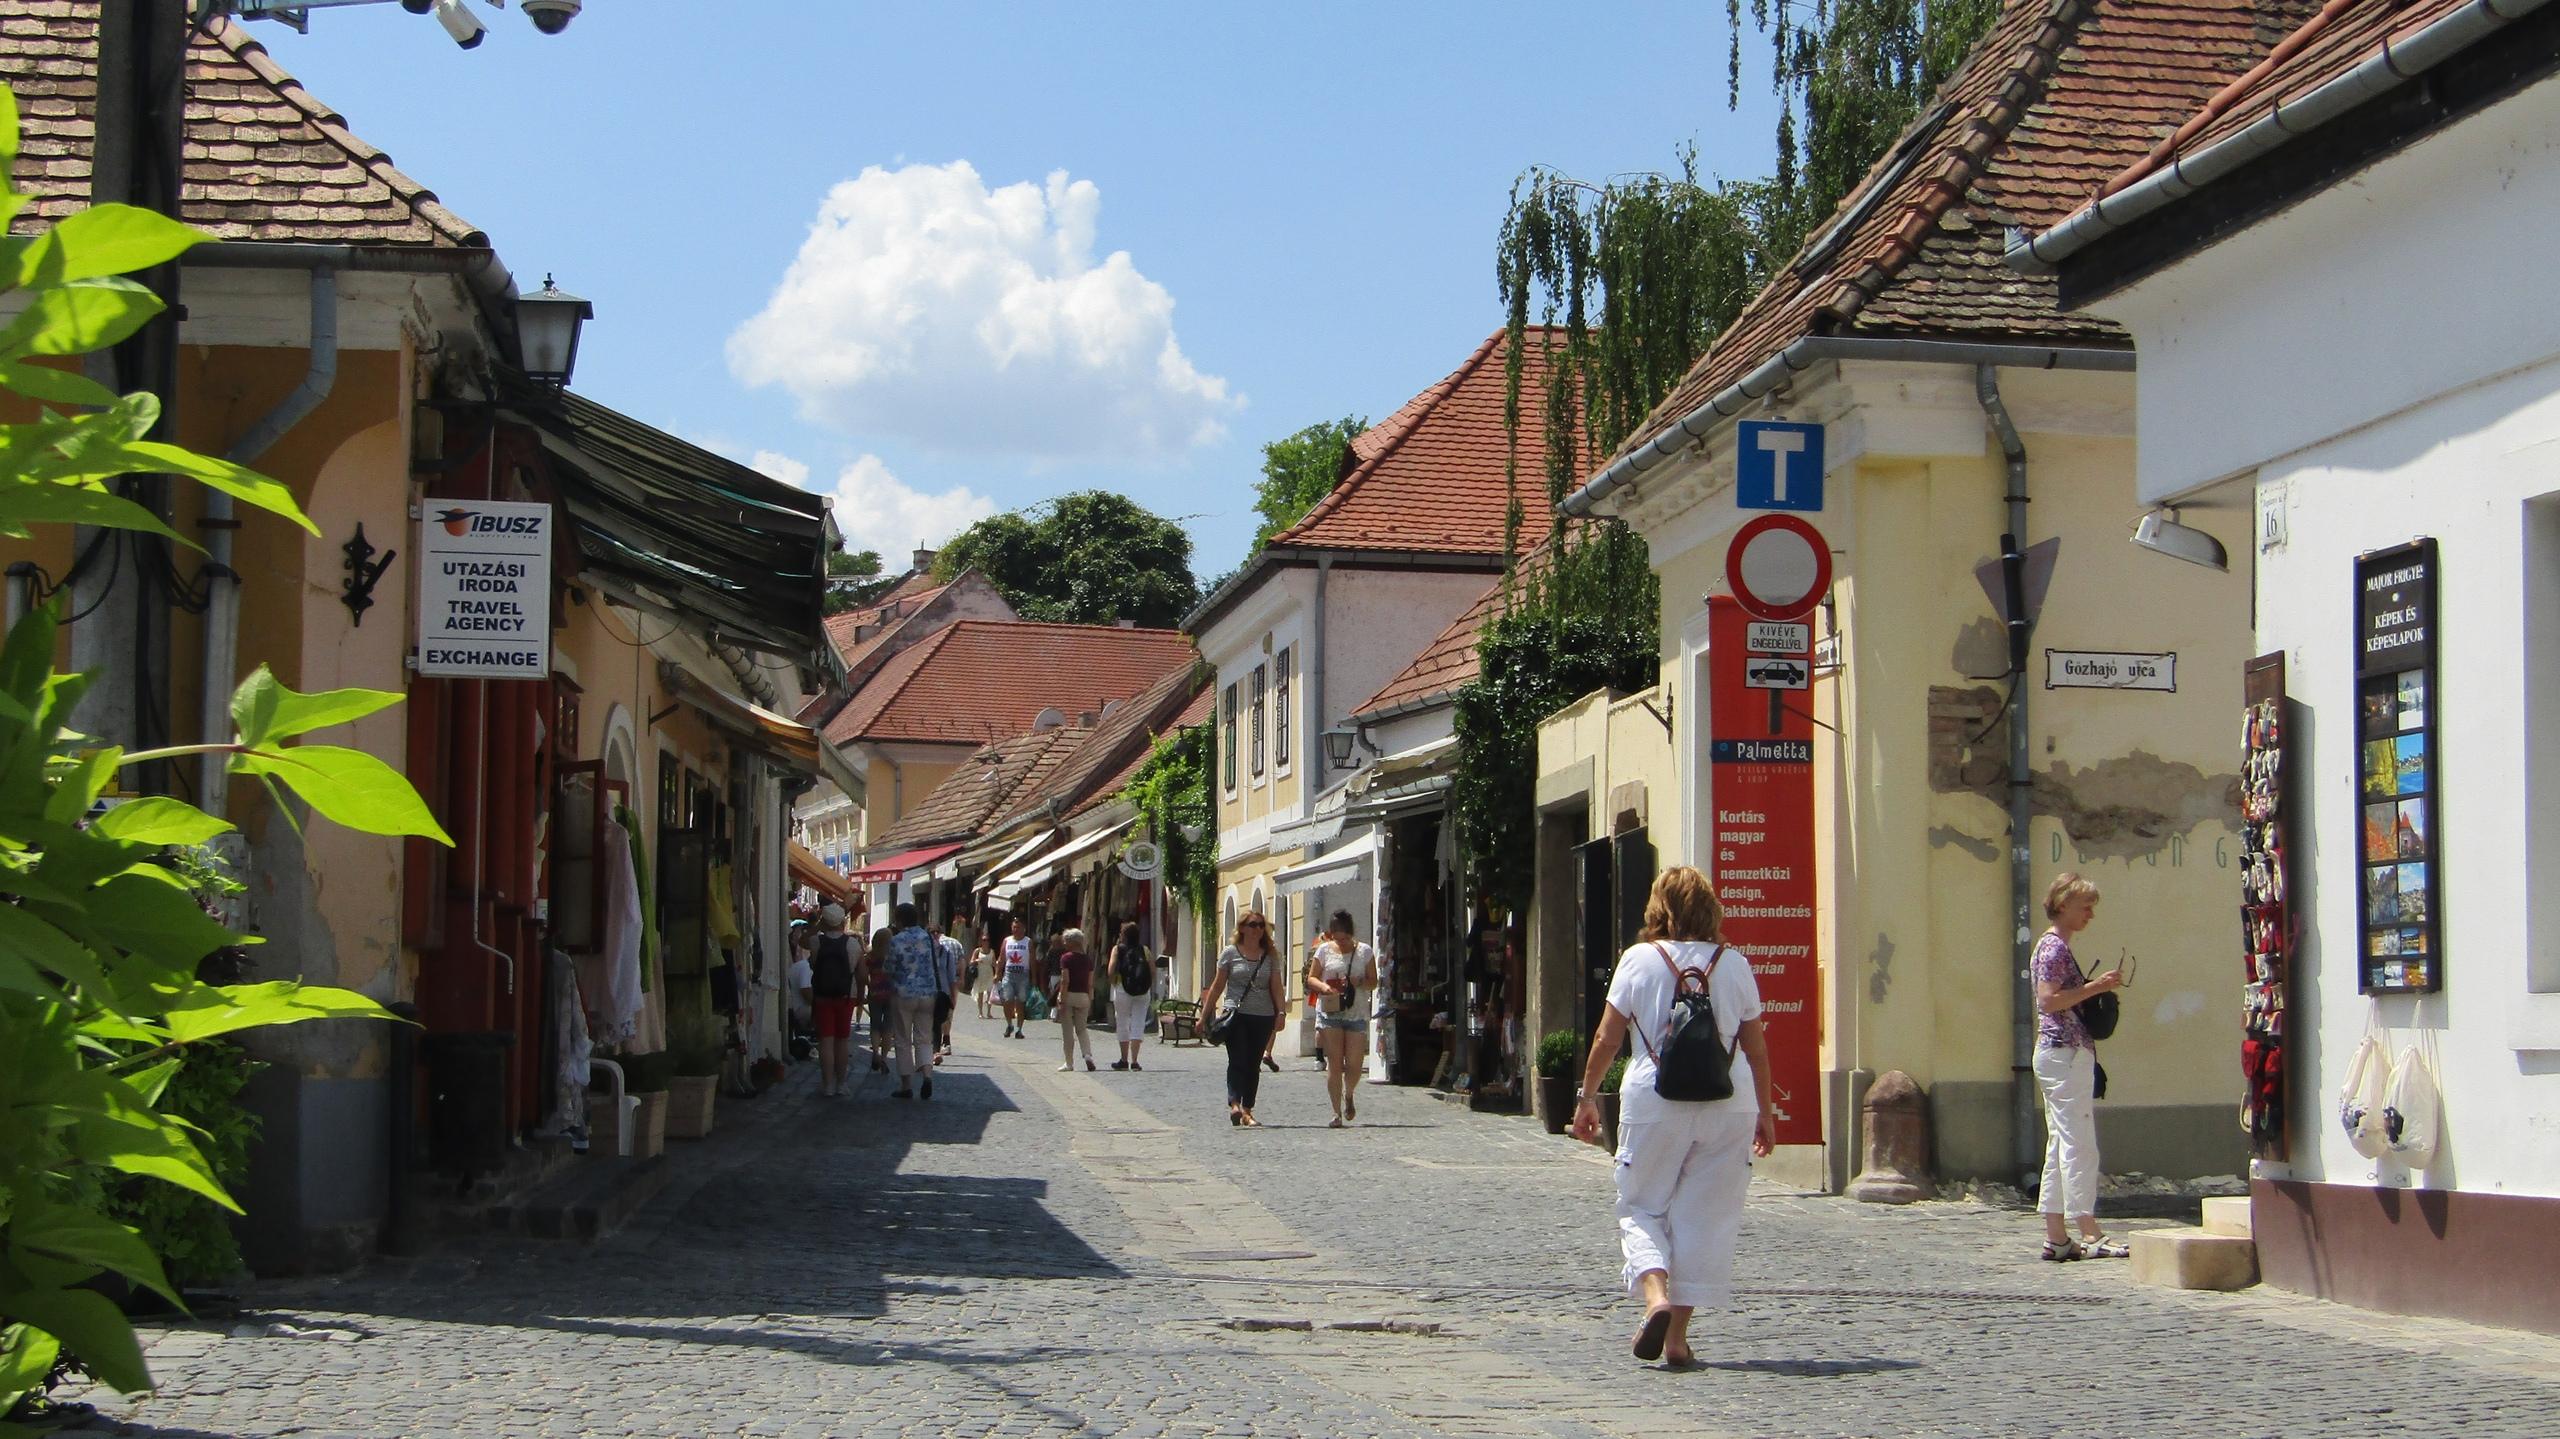 Сентендре. Маленький сербский городок в сердце Венгрии